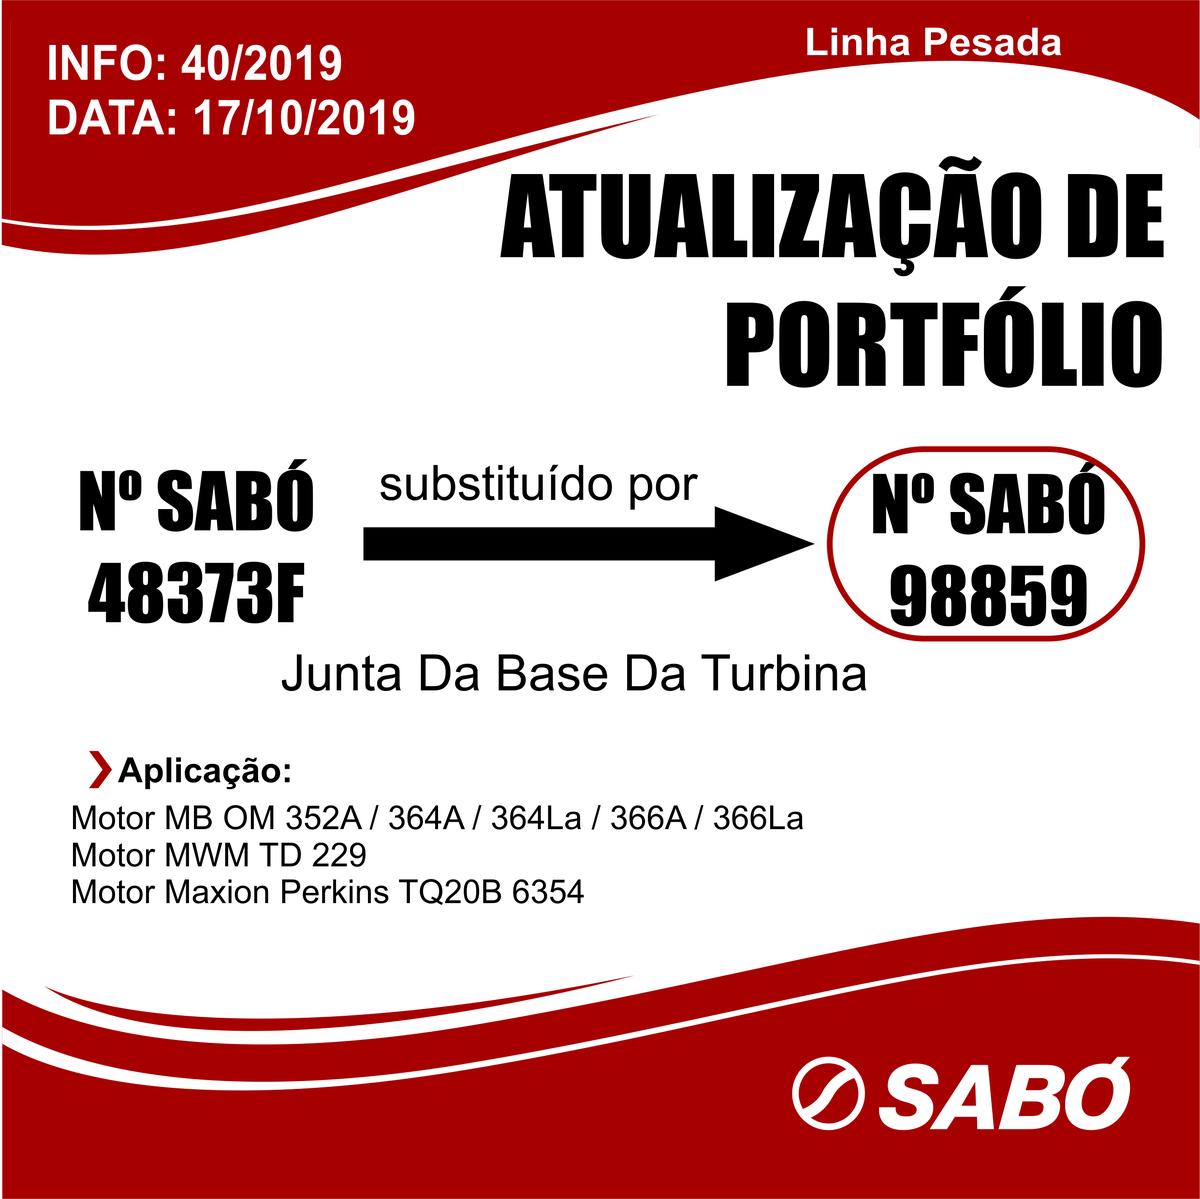 Info_040 Lancamento__Atualizaco_de_Portfolio